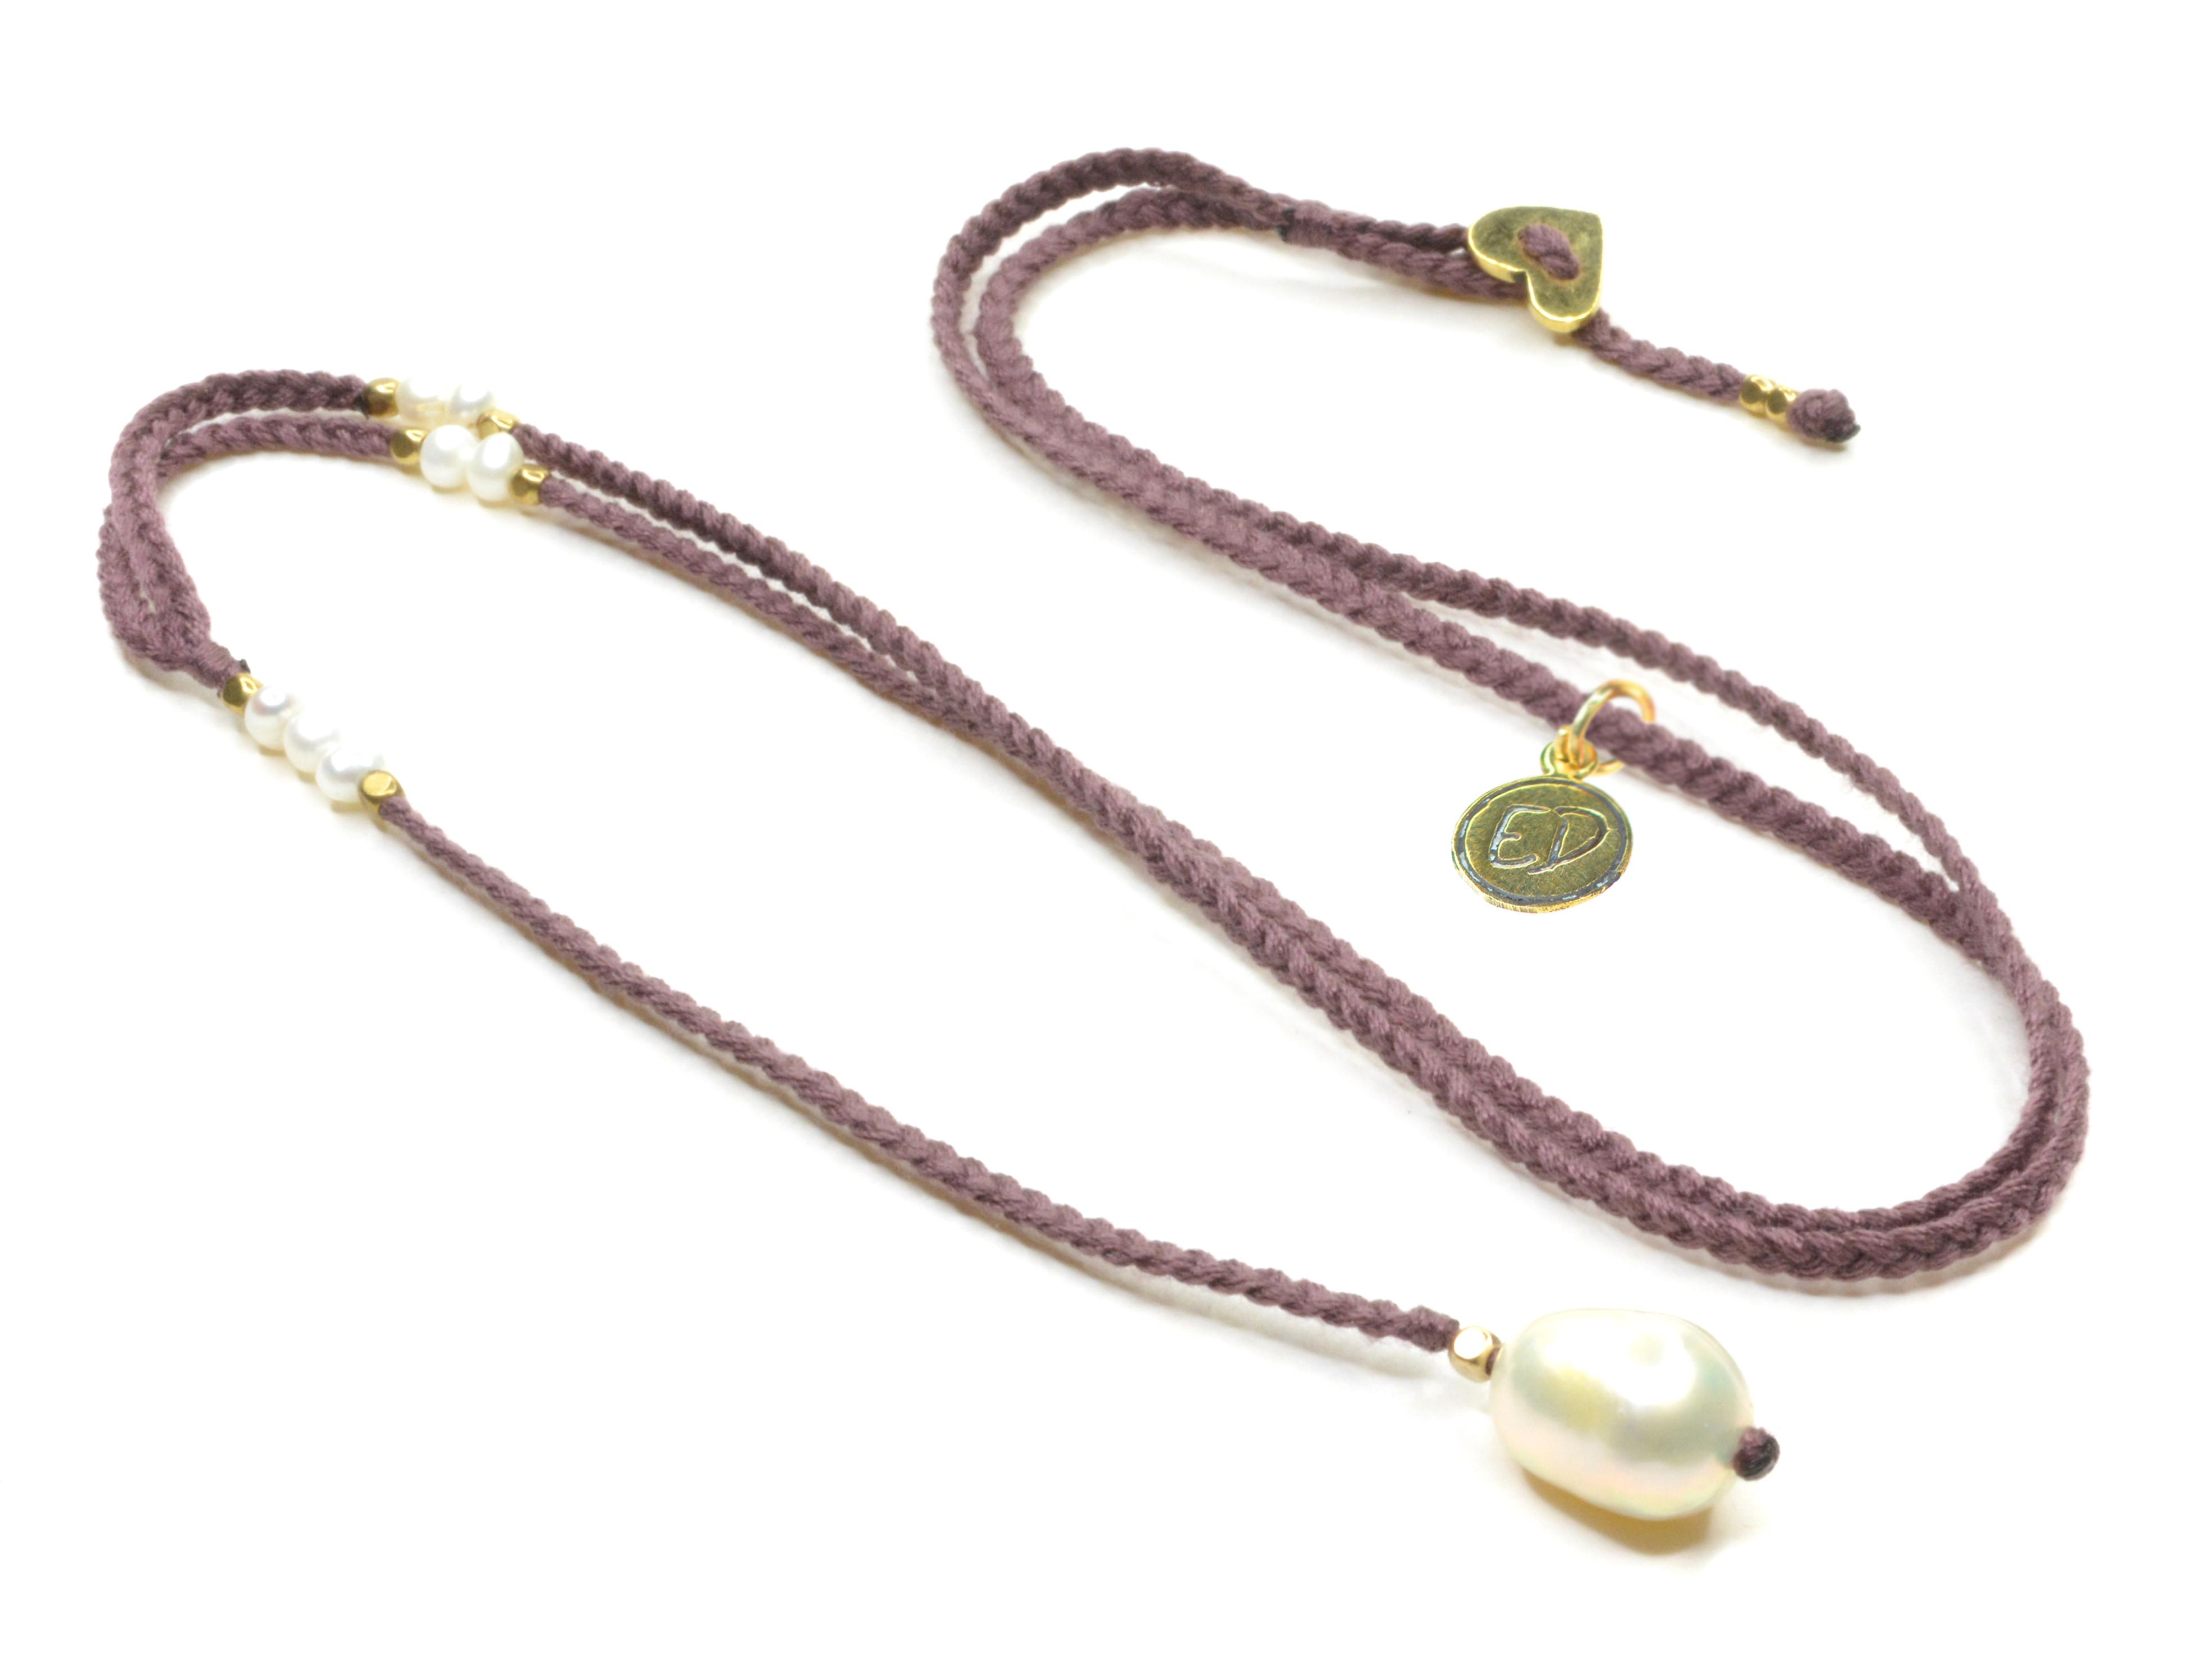 Dámsky ručne pletený náhrdelník s perlou - fialový